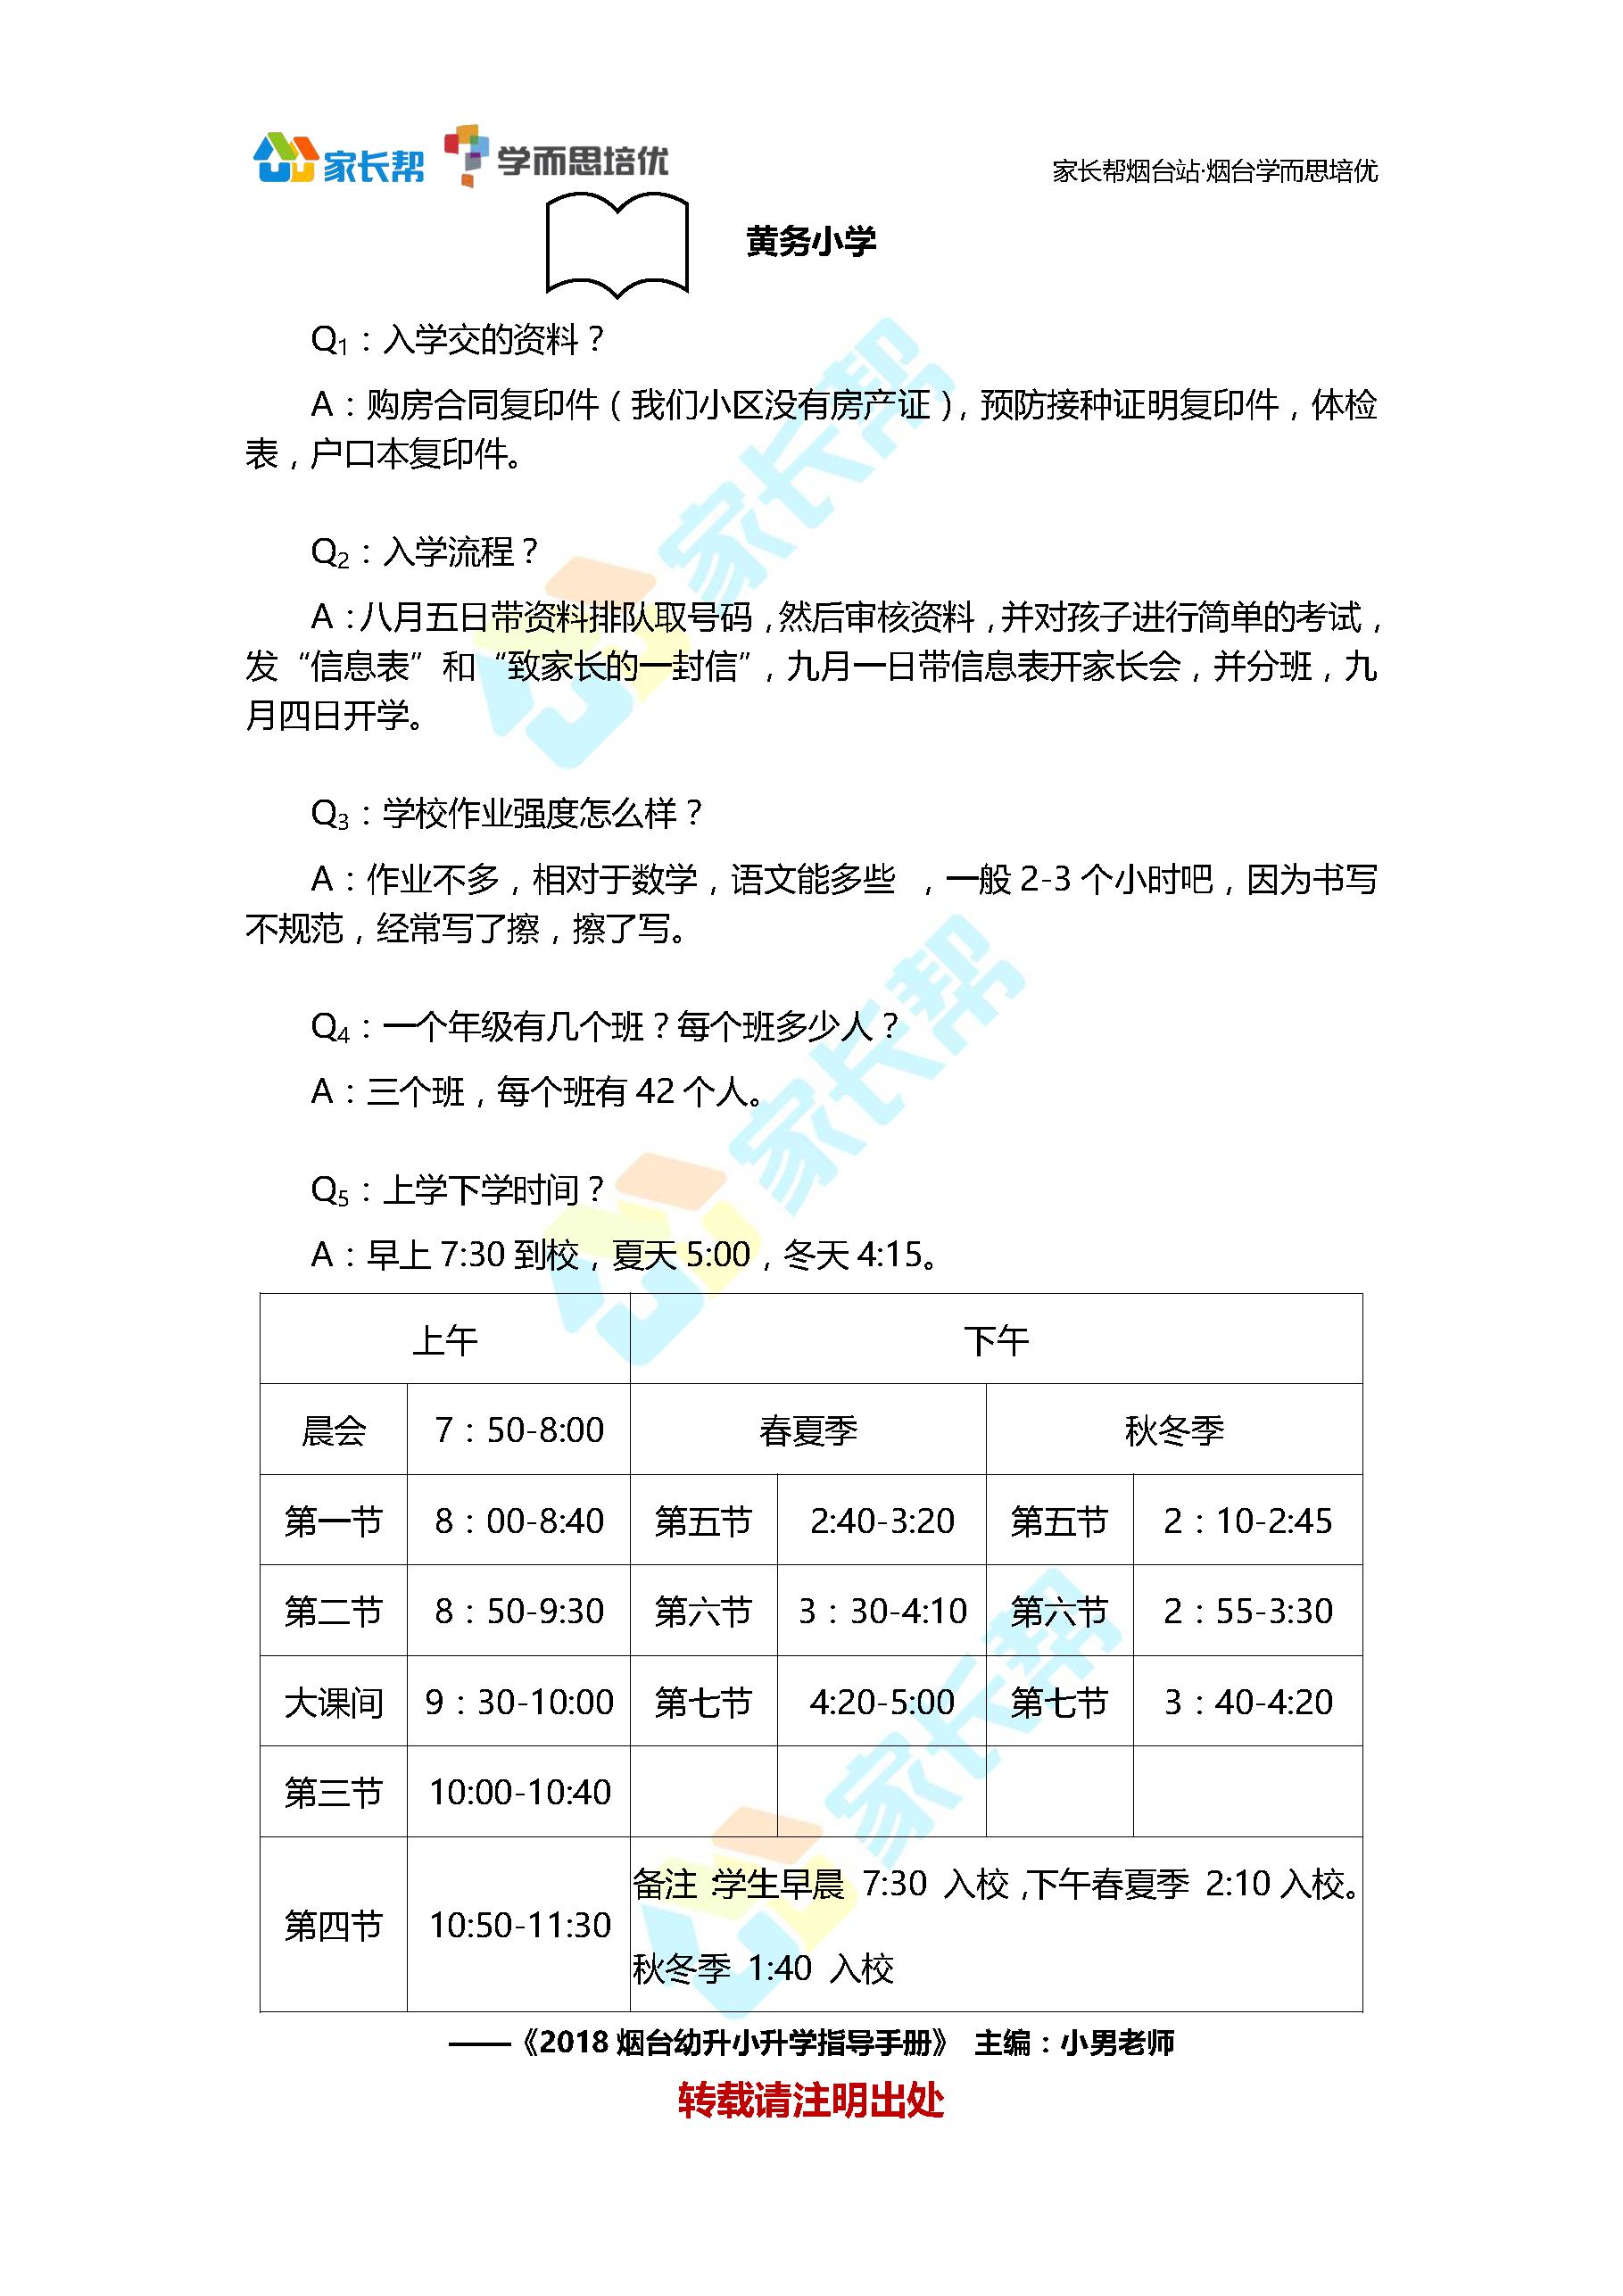 烟台市芝罘区黄务信息小学学校v信息聚餐小学生图片